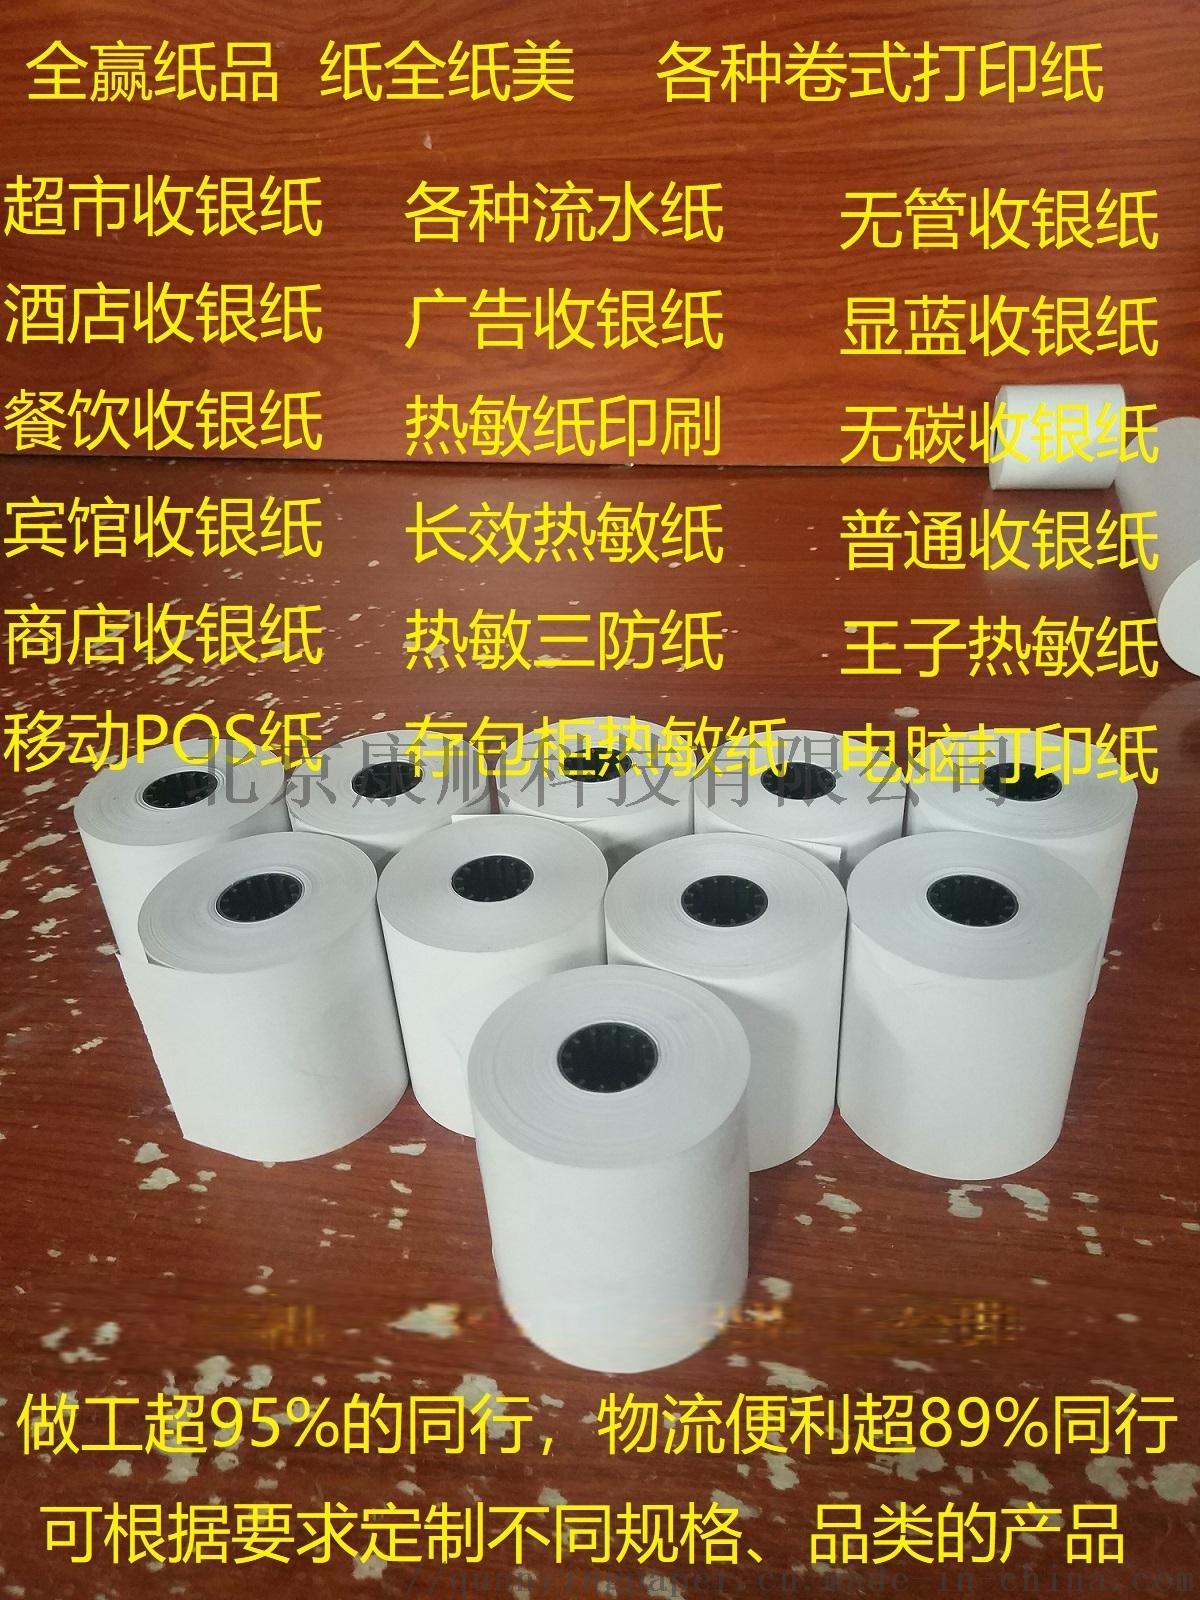 热敏打印纸80mm,各种热敏纸定制,收银纸工厂71857692